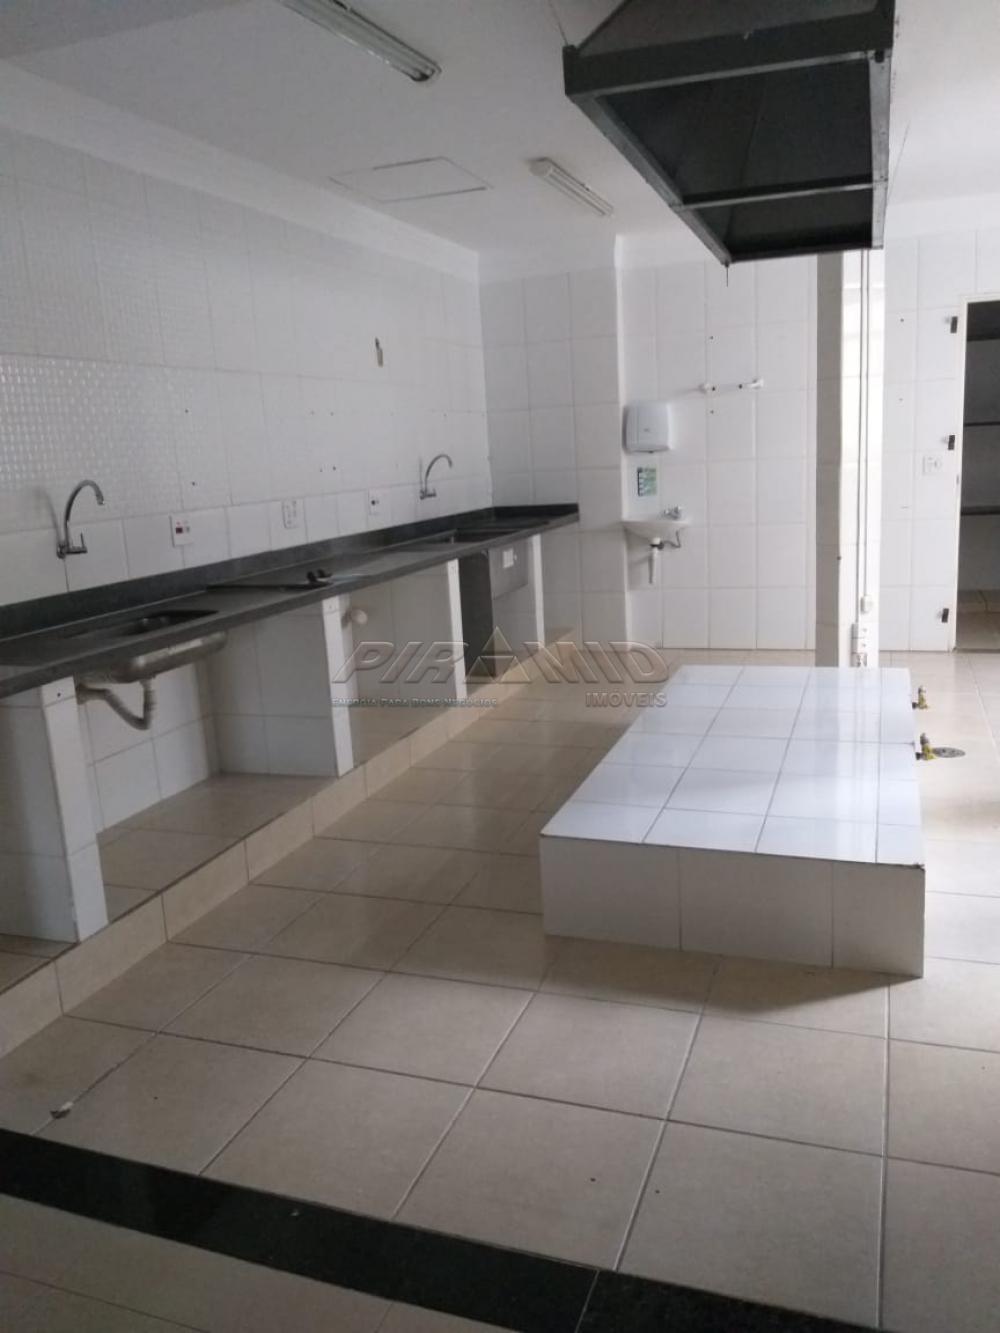 Alugar Comercial / Salão em Ribeirão Preto R$ 10.000,00 - Foto 15